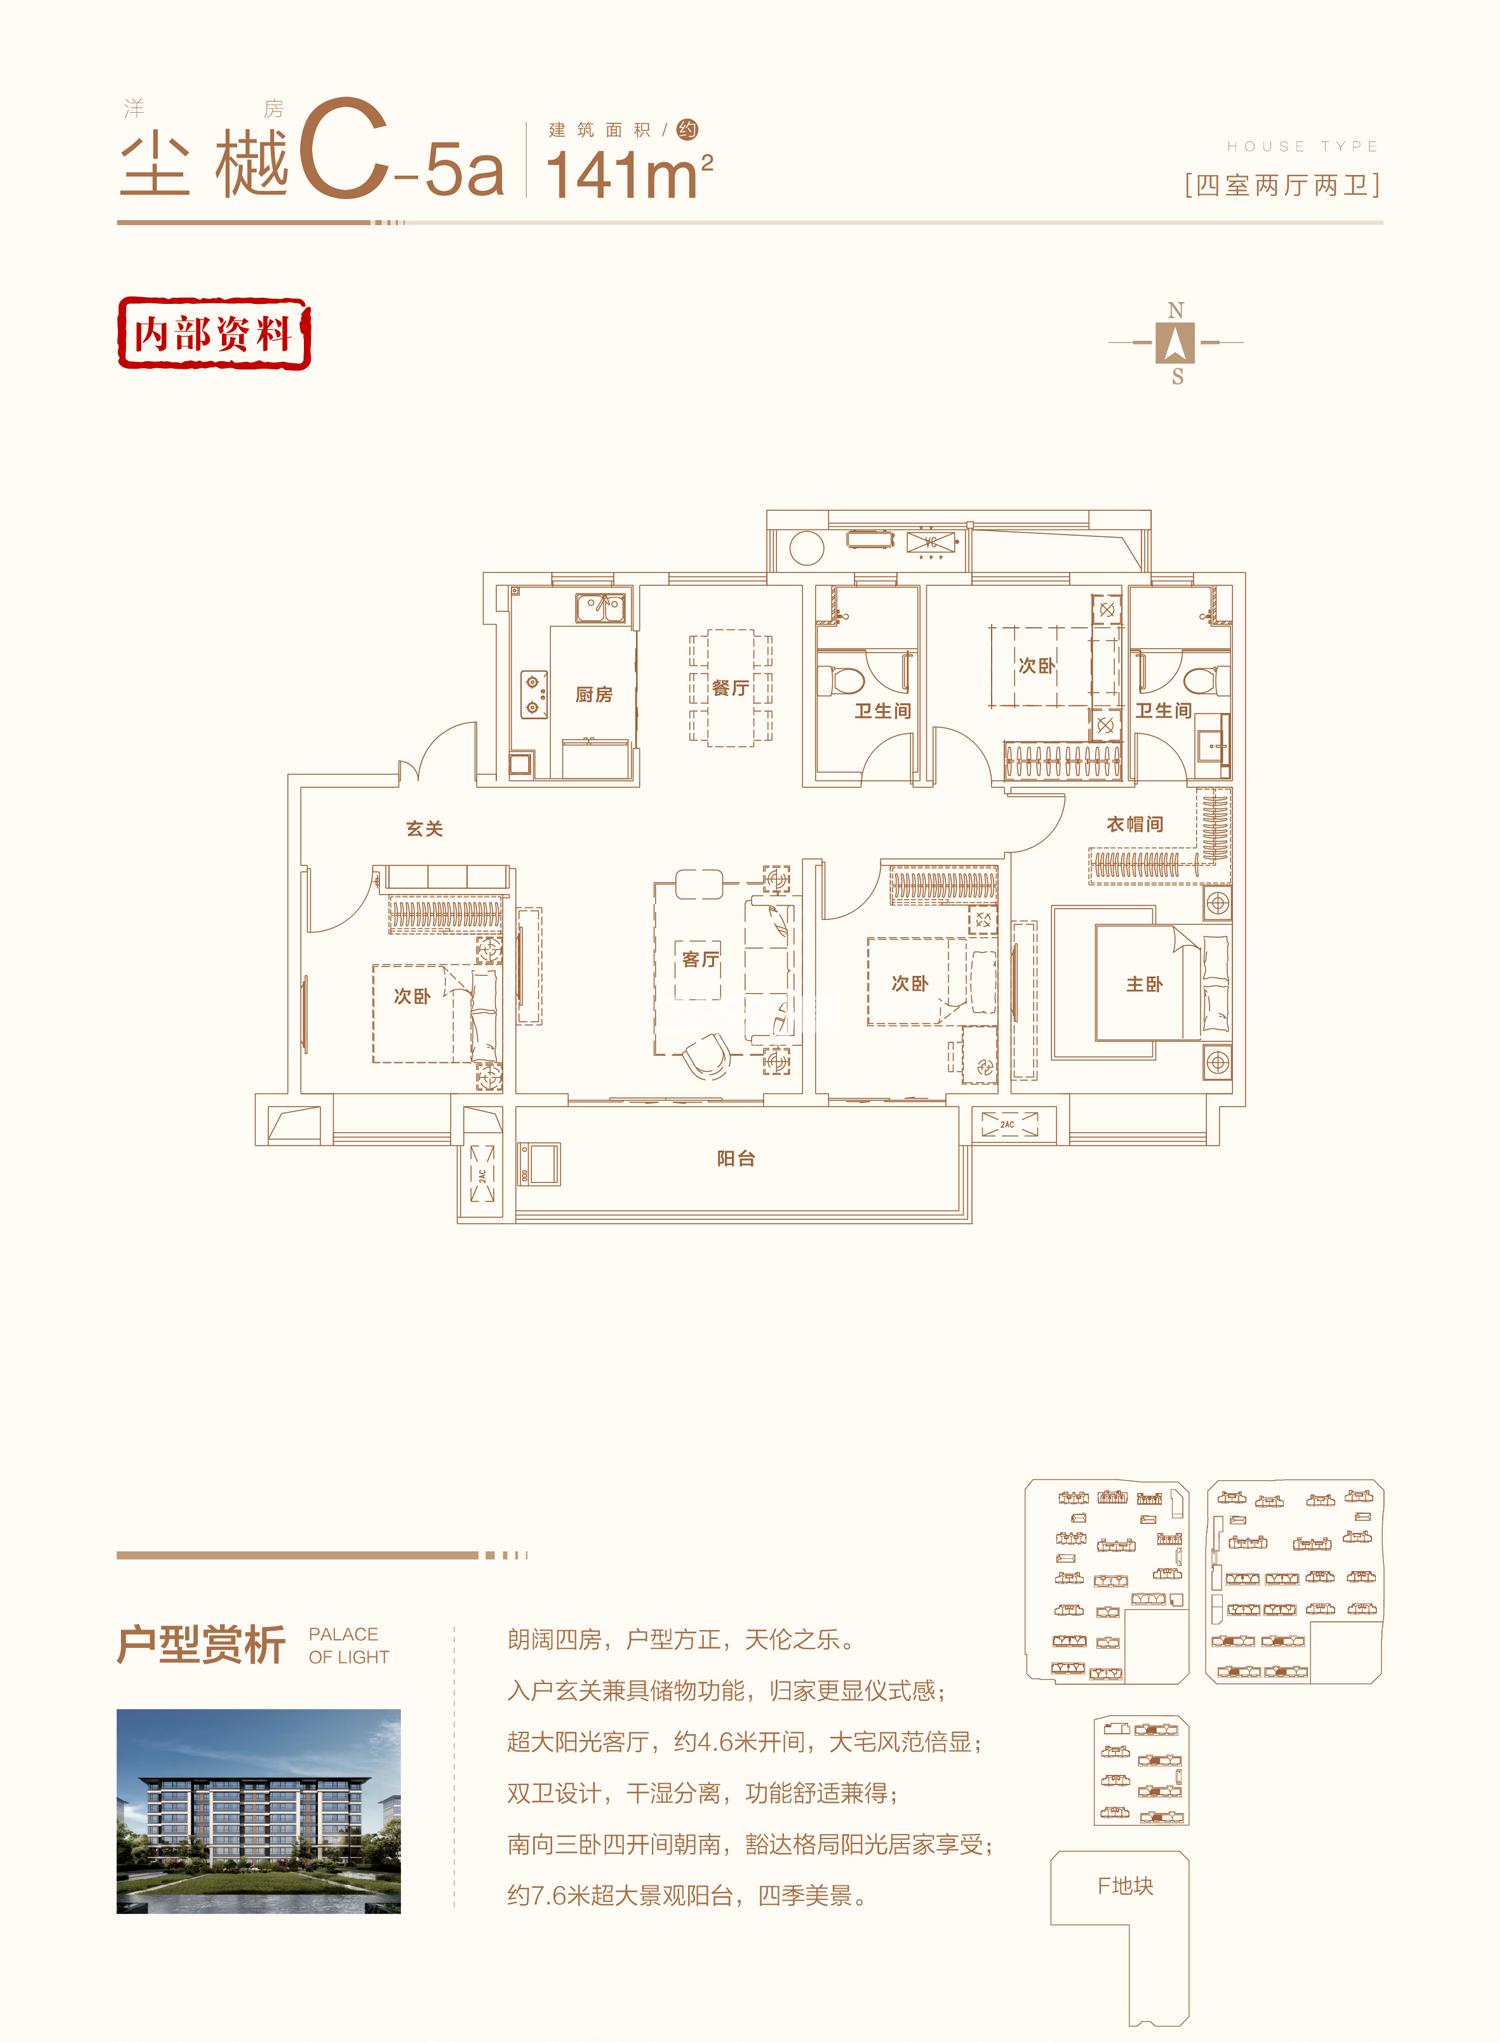 保利和光尘樾洋房141㎡C-5a户型图